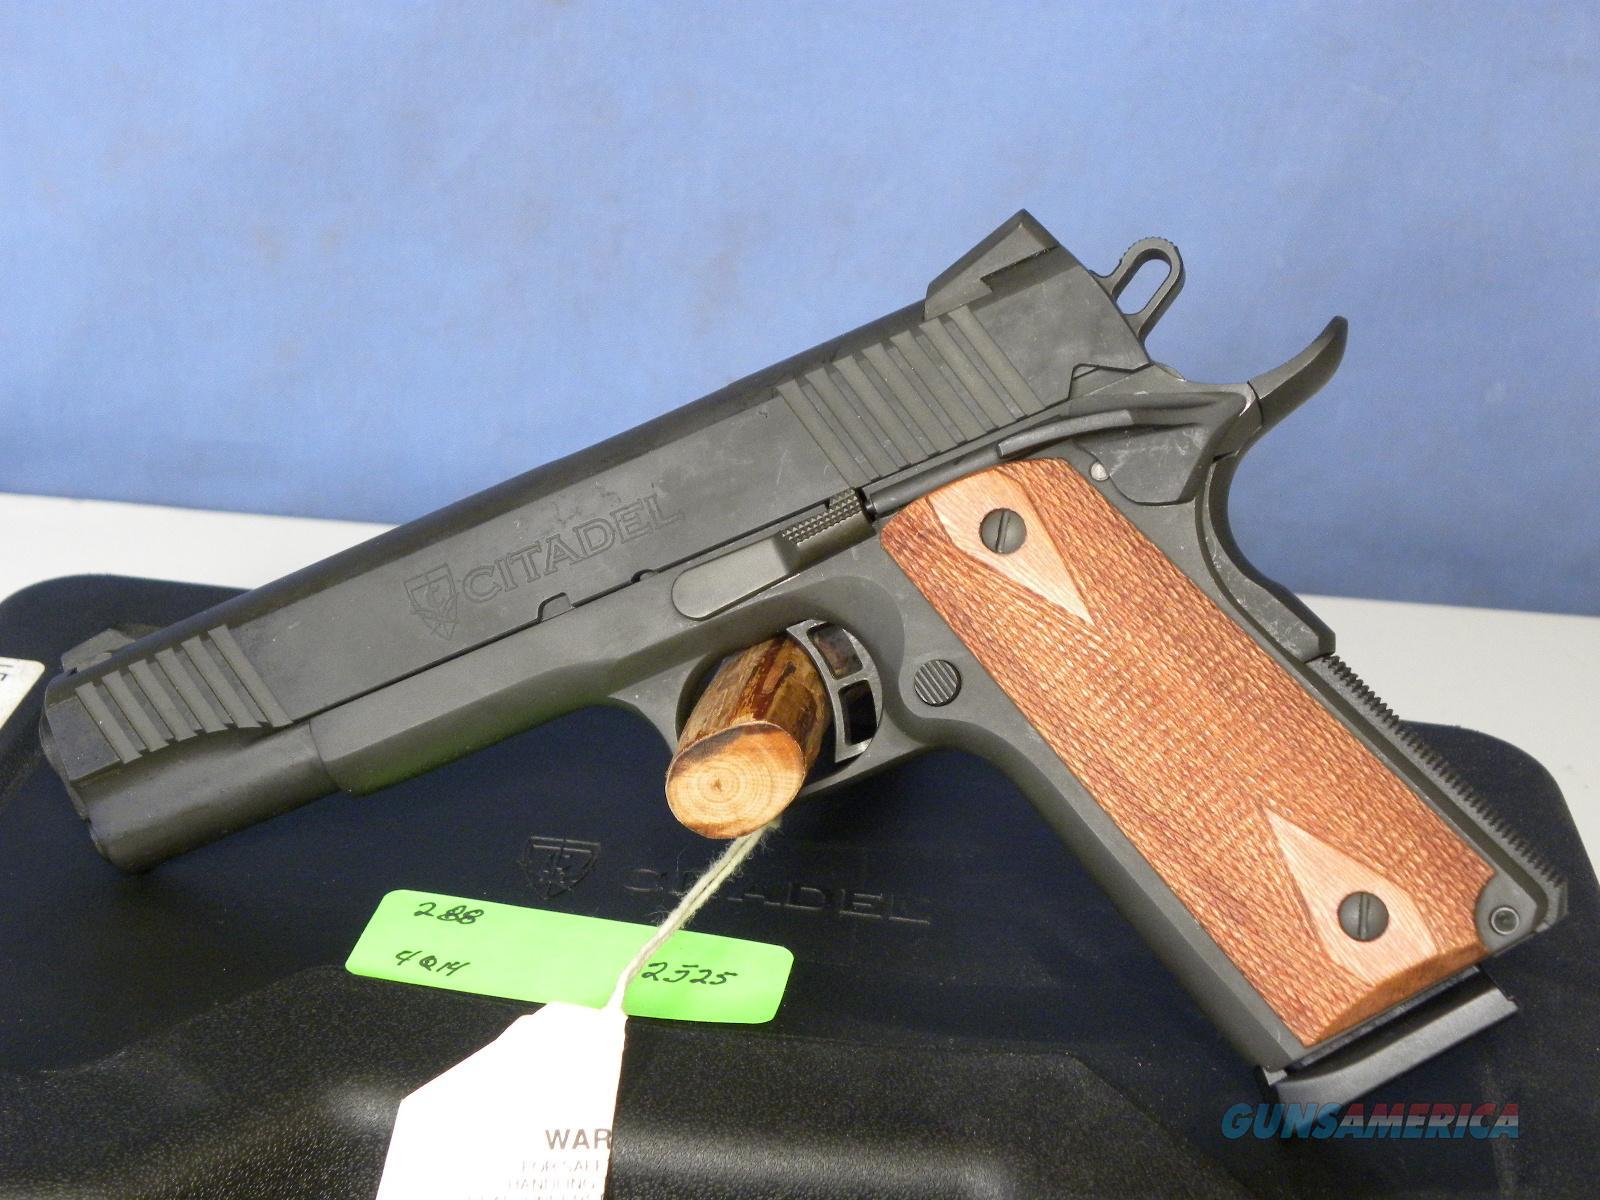 Citadel 1911 A1FS  Guns > Pistols > Citadel Pistols